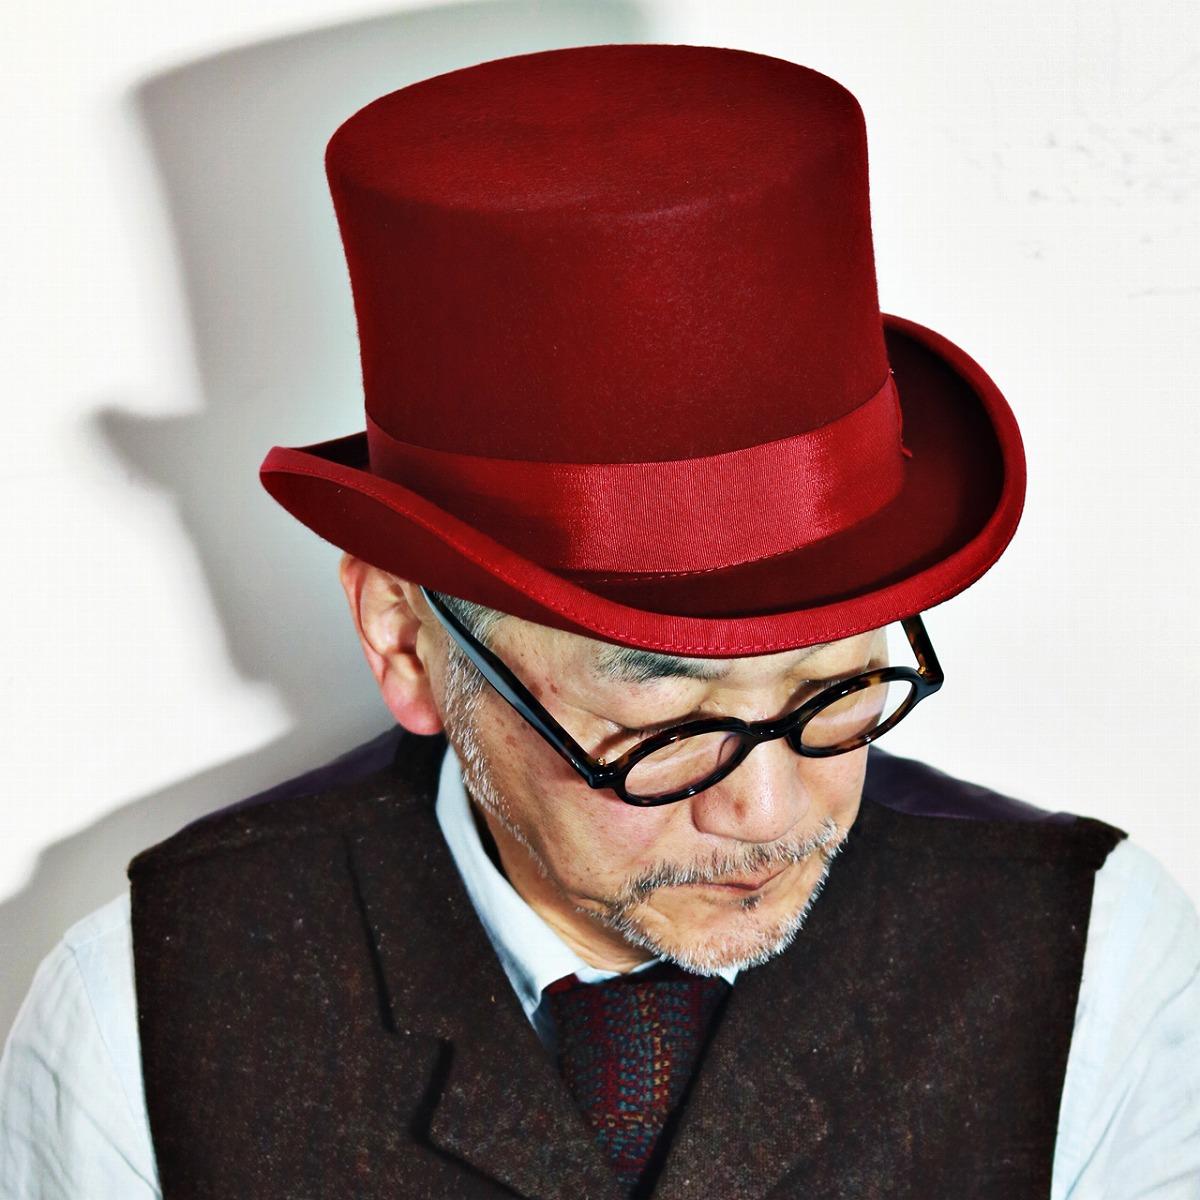 CHRISTYS' LONDON 帽子 トップハット クリスティーズ ロンドン シルクハット ウール100% 上質 フェルトハット メンズ クラウンの高い帽子 ハット 英国 ブランド ビーバーハット イギリス 帽子 ダービーハット レディース 秋冬 レッド 赤 [top hat] (ハロウィン) フェルト